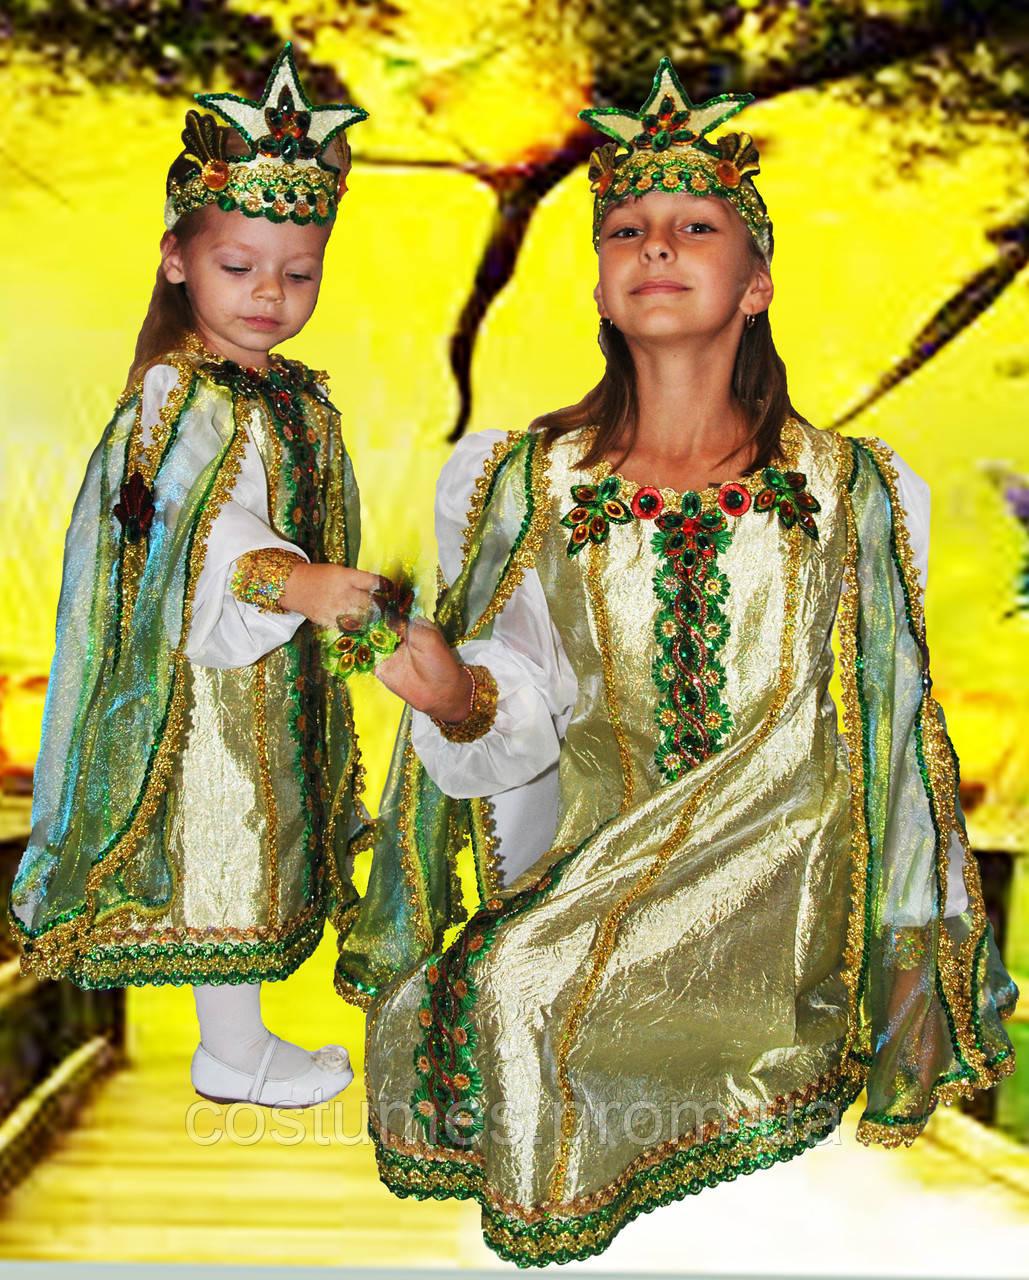 Карнавальный костюм Царевна лягушка, цена 750 грн., купить ... - photo#28